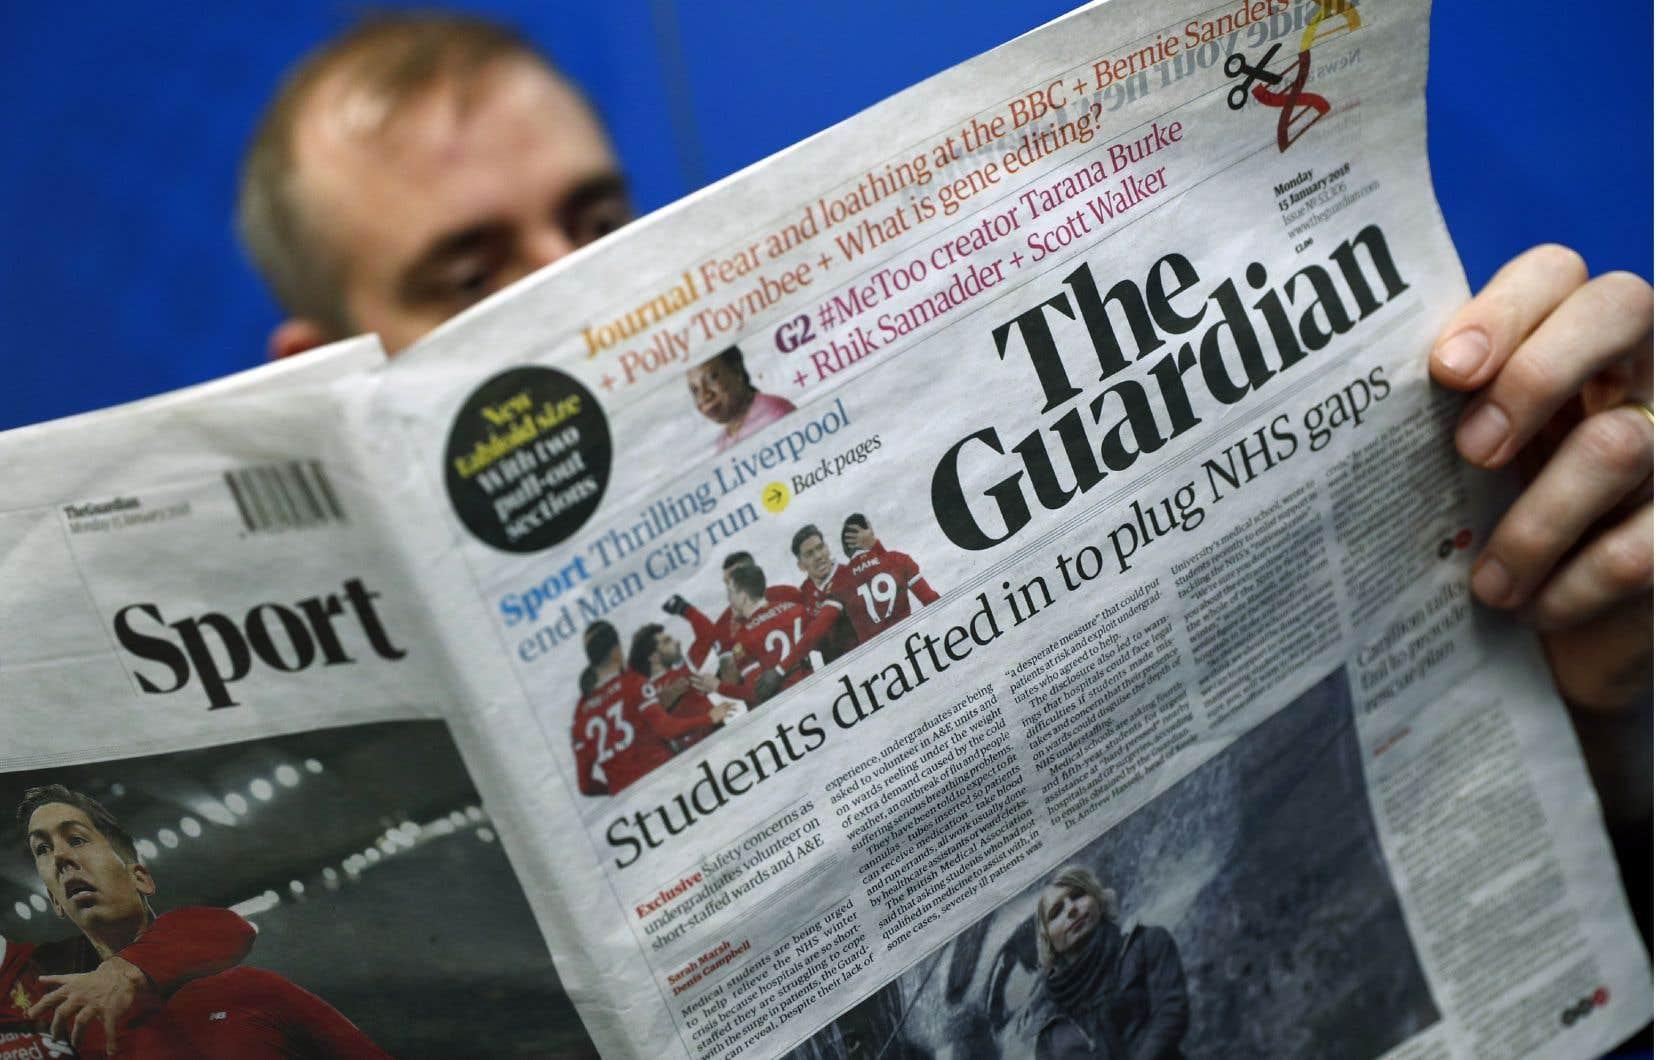 <p>En difficulté financière chronique, GMG avait pris la décision de passer le «Guardian» au format tabloïd à partir du mois de janvier pour faire des économies.</p>